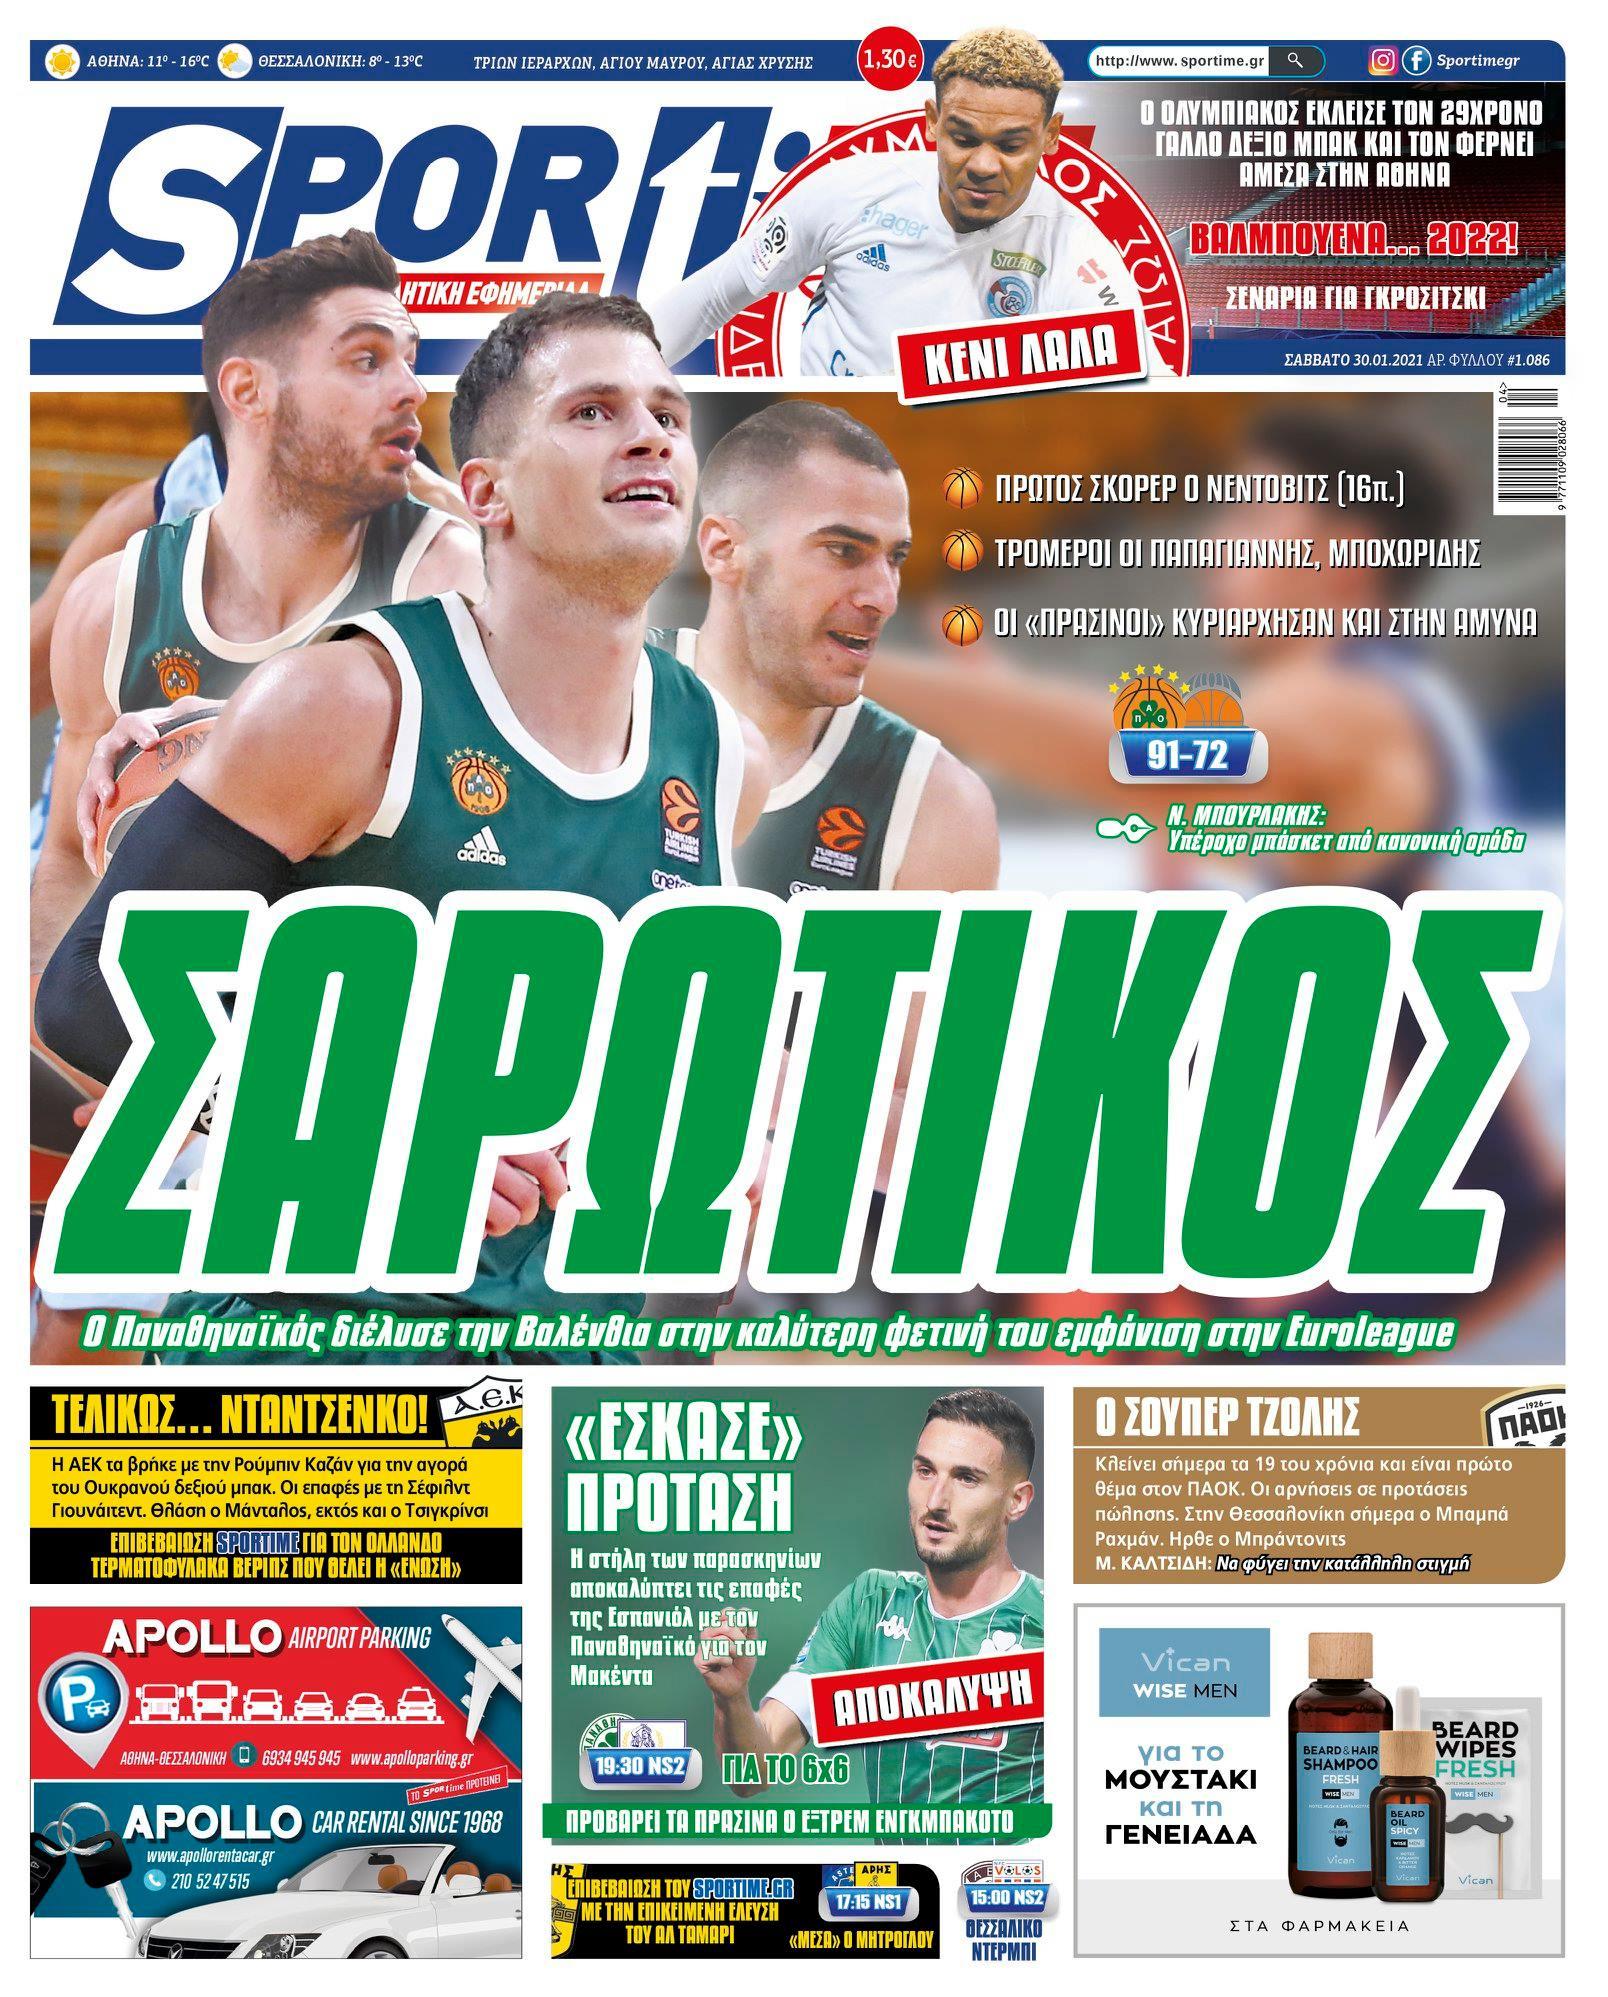 Εφημερίδα SPORTIME - Εξώφυλλο φύλλου 30/1/2021